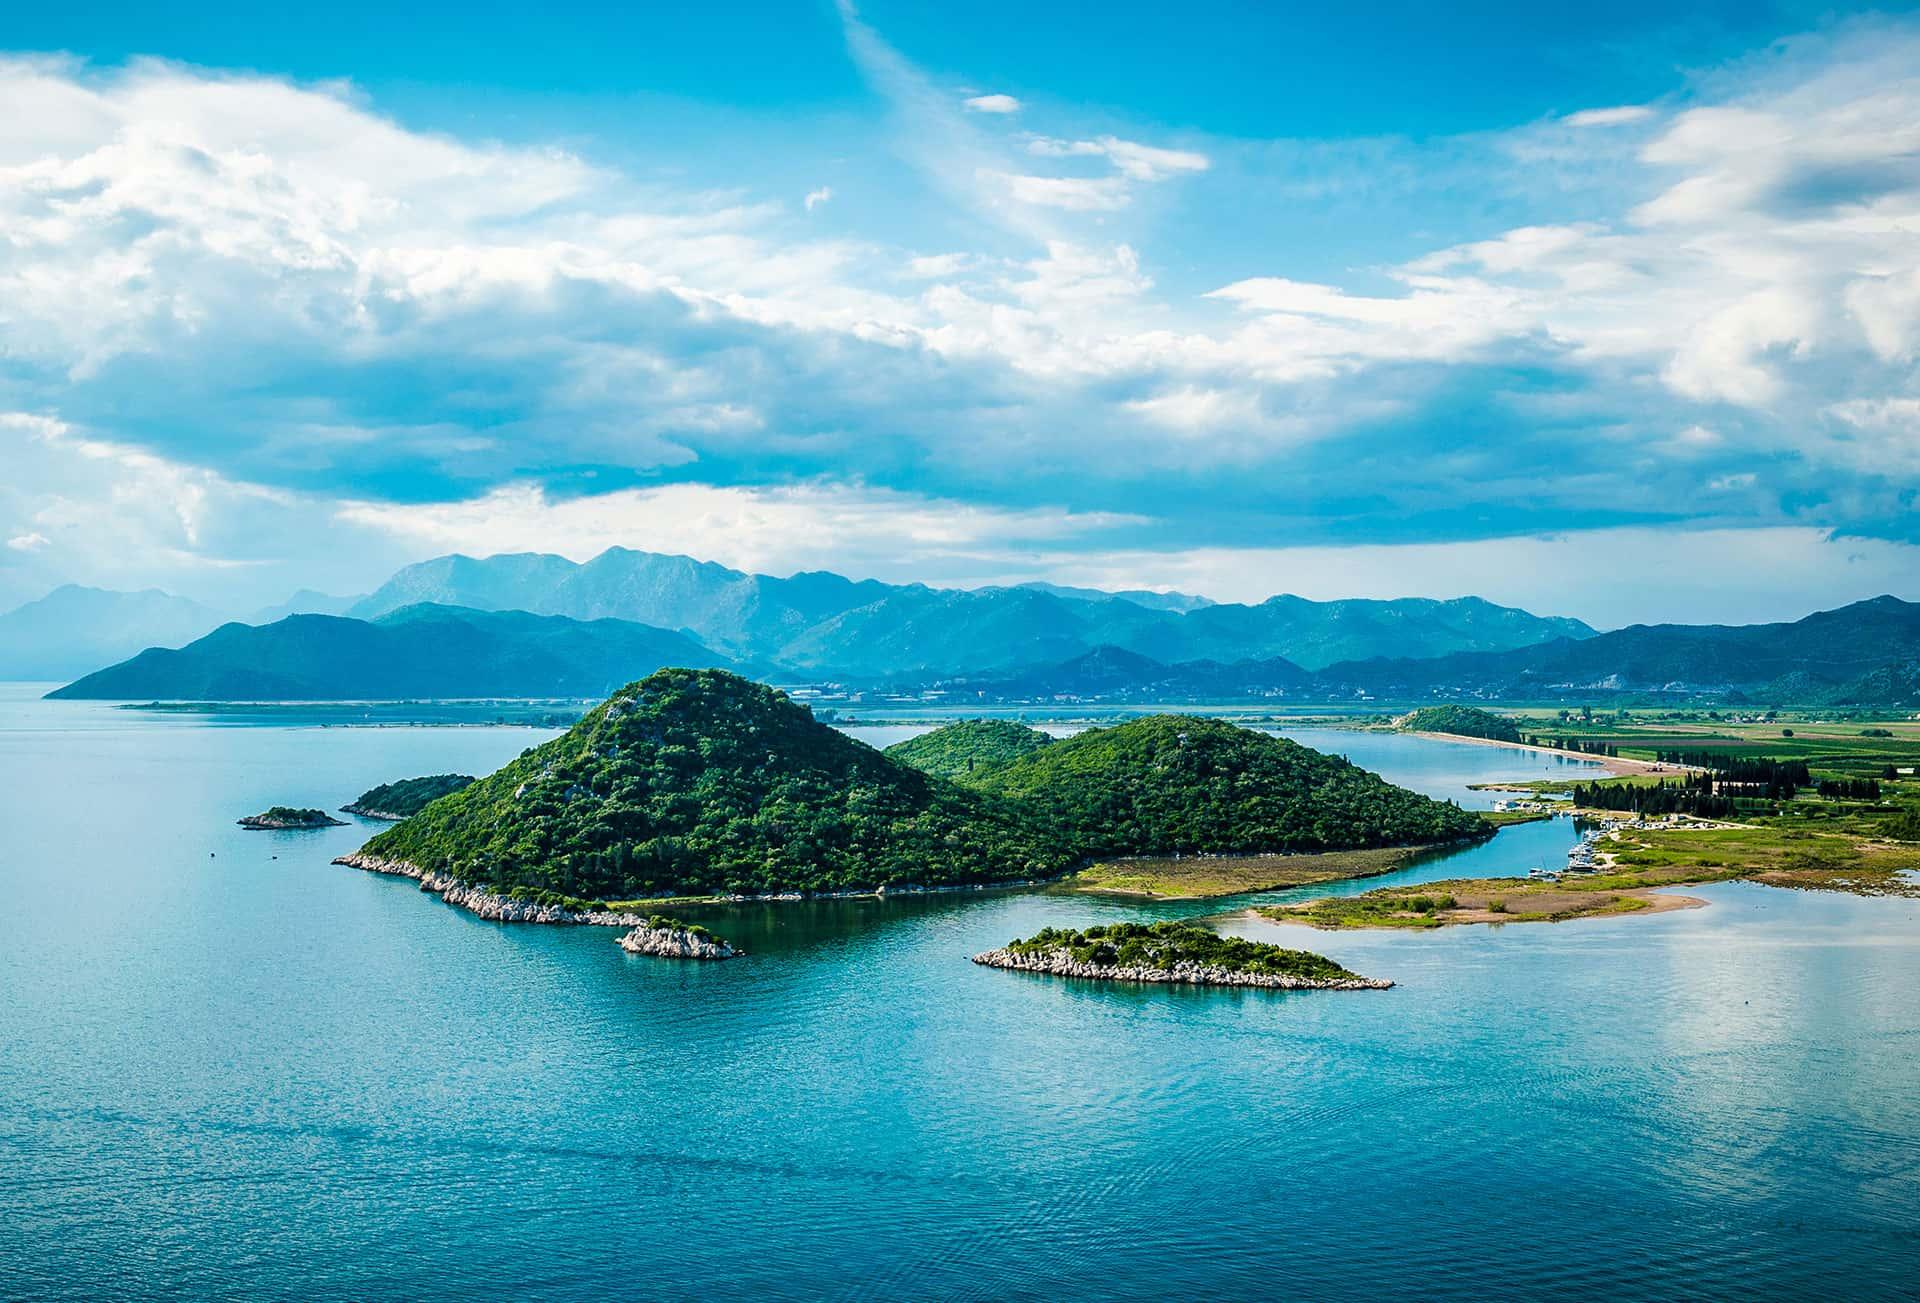 10 Good Reasons to Visit Croatian Coast This Summer